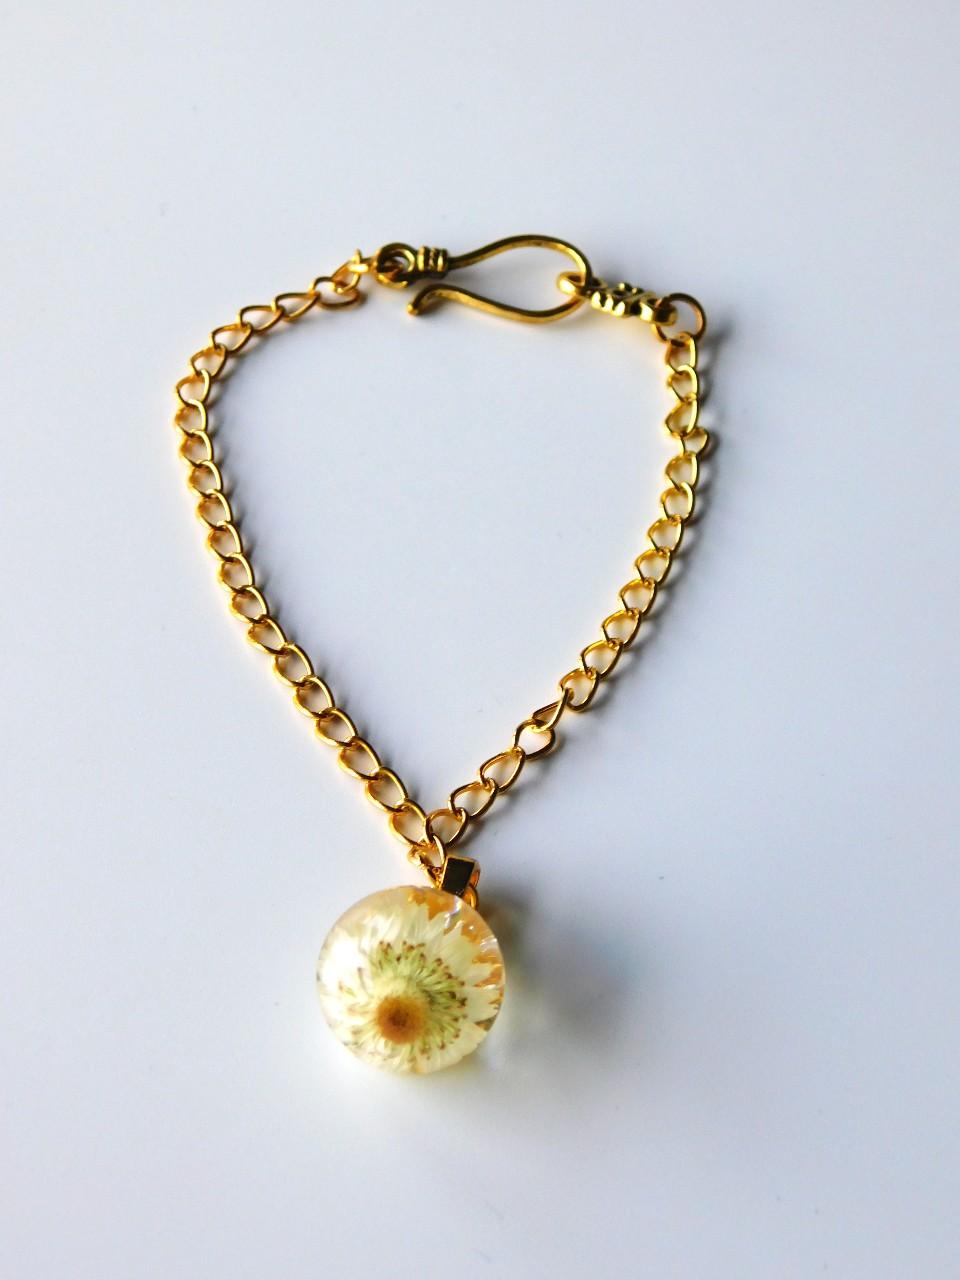 Bracelet résine avec inscrustation de fleurs blanches made in France par Adama Valentini